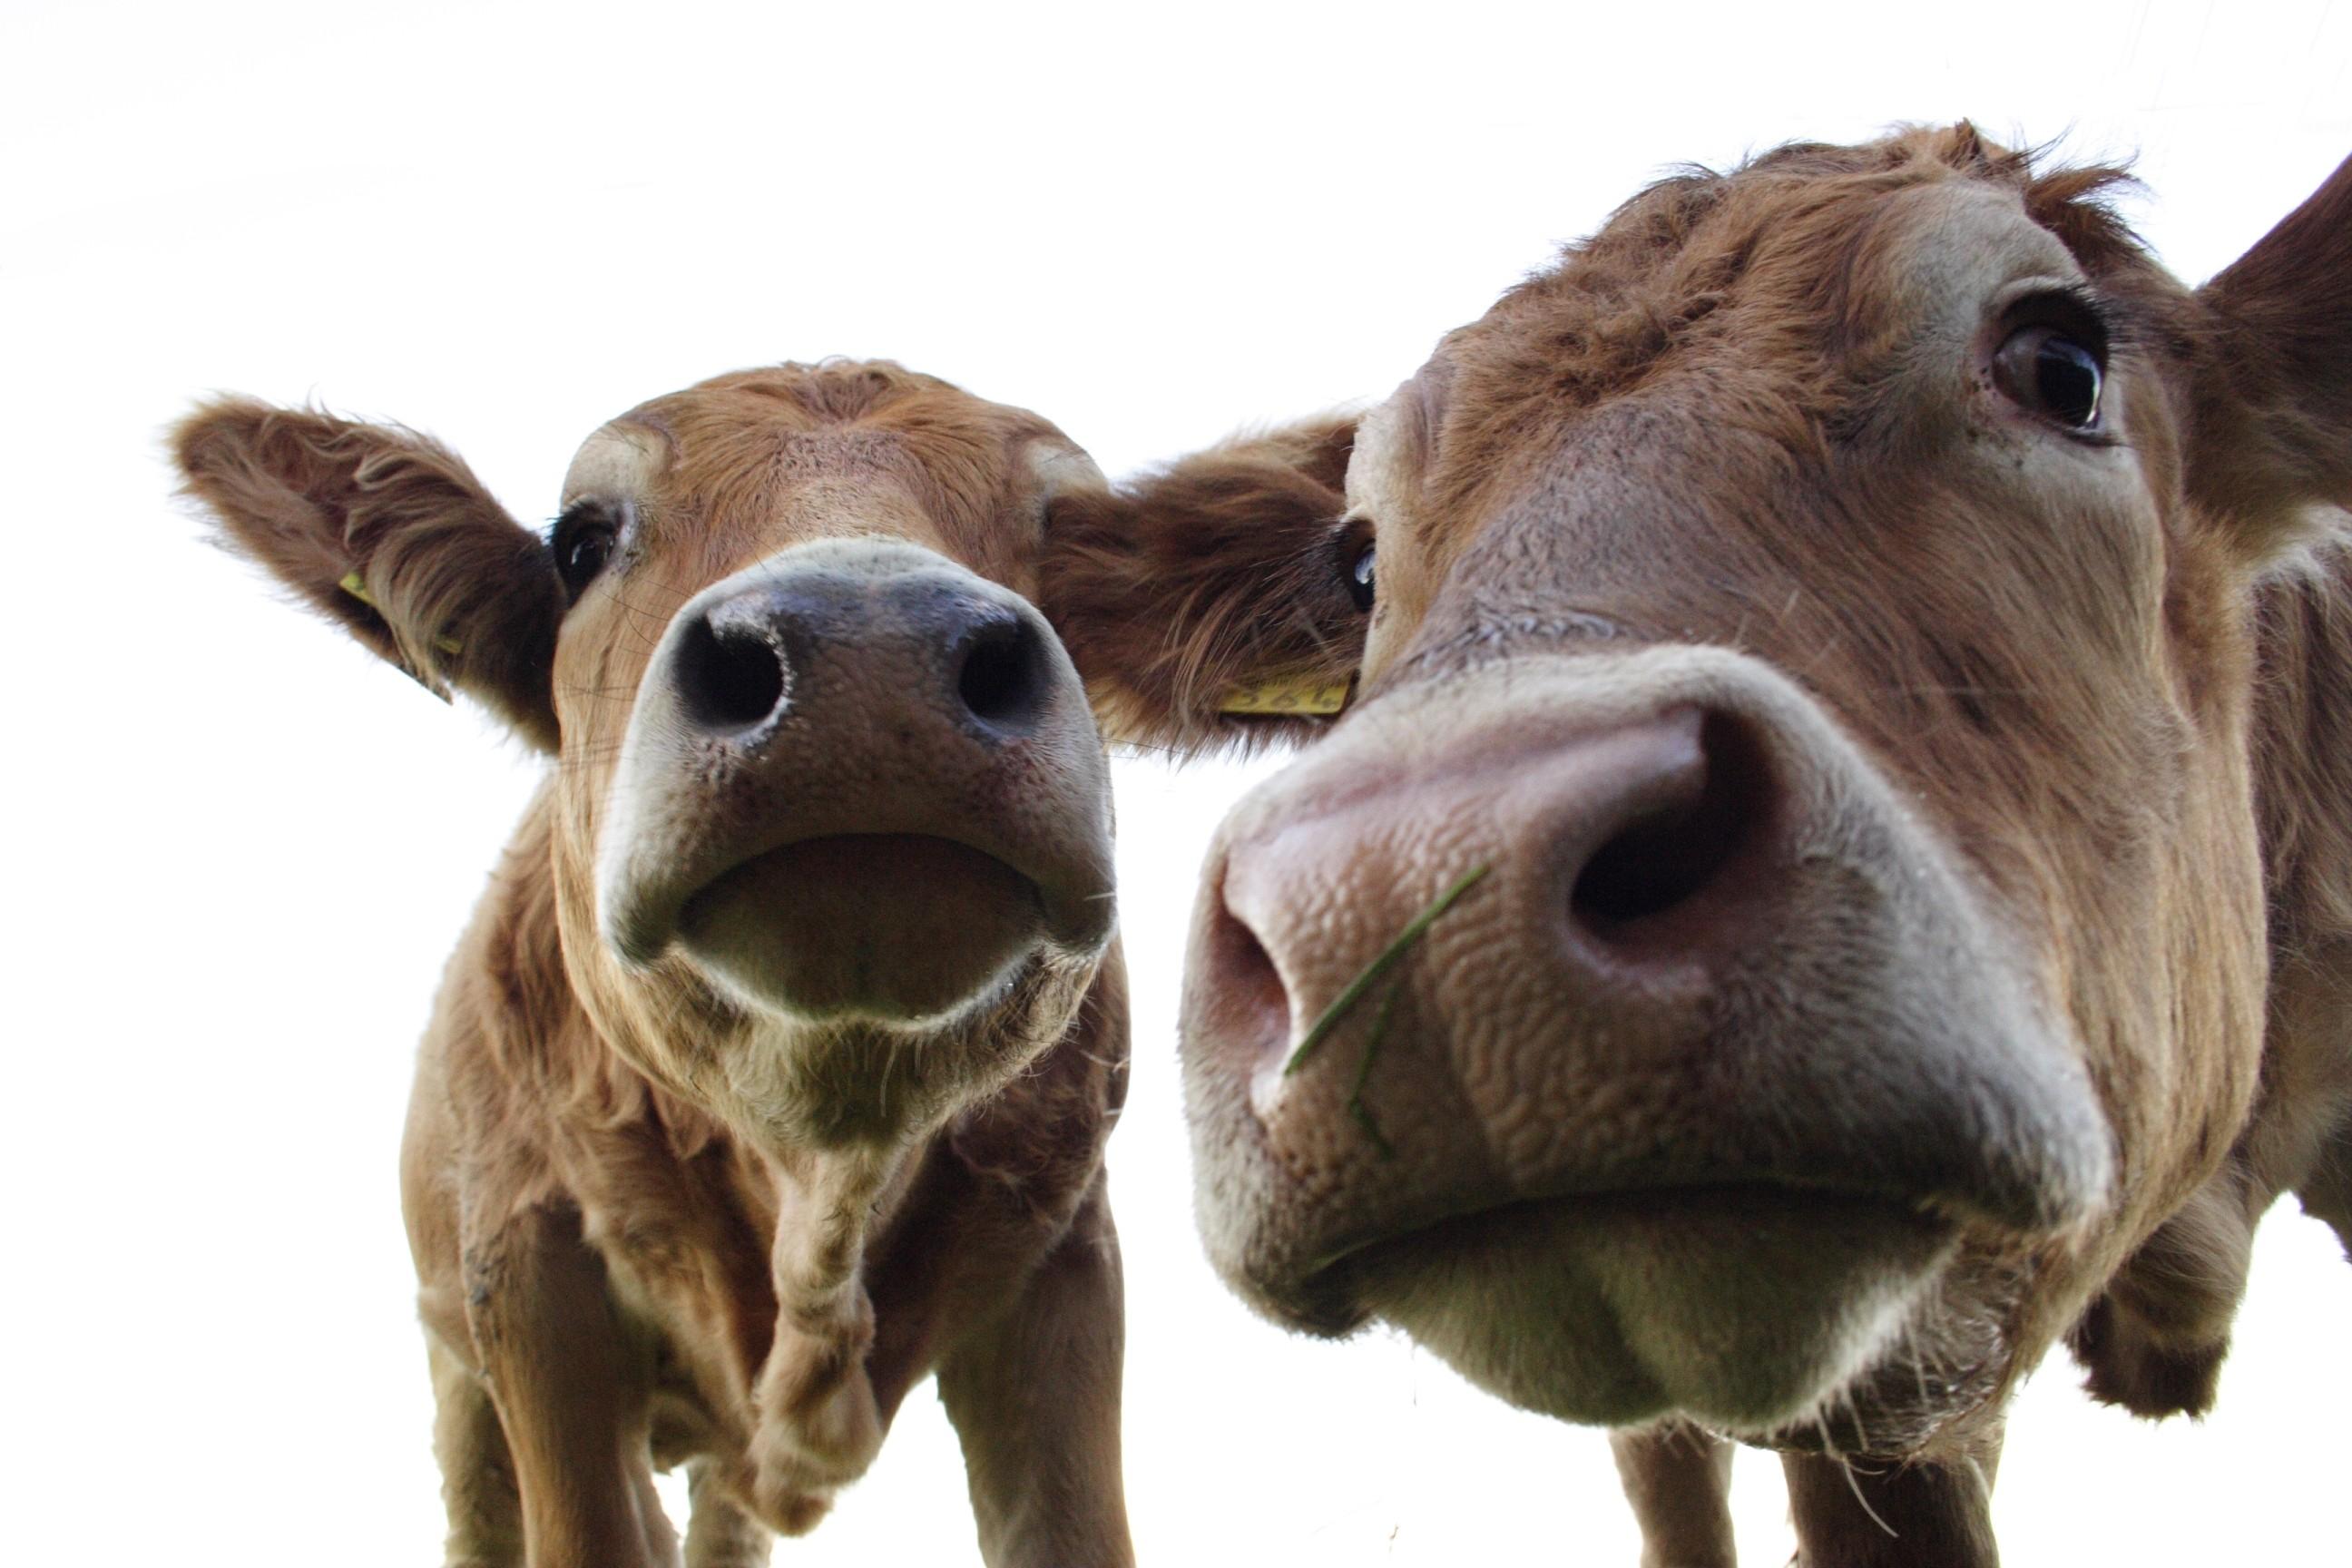 Fond D Ecran Animaux Vache Tete Corne Le Betail Comme Un Mammifere Mustang Horse Bete De Somme 2592x1728 Matrizendesign 94488 Fond D Ecran Wallhere